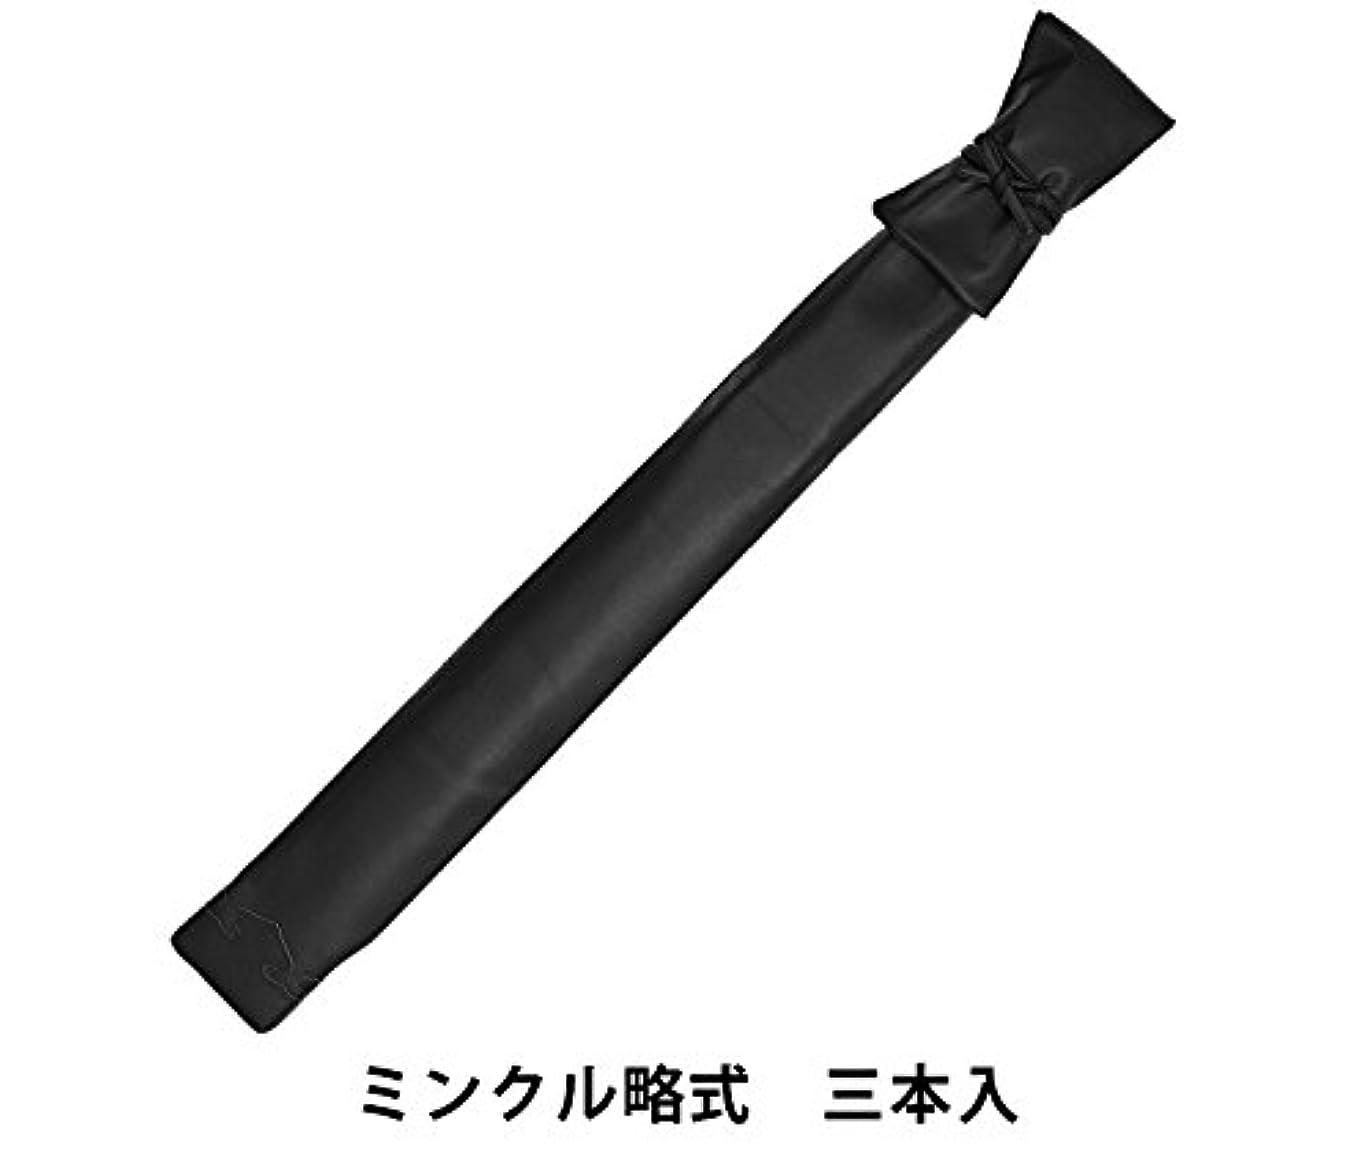 電子いちゃつく冗談で【剣道竹刀袋】 ミンクル略式 三本入